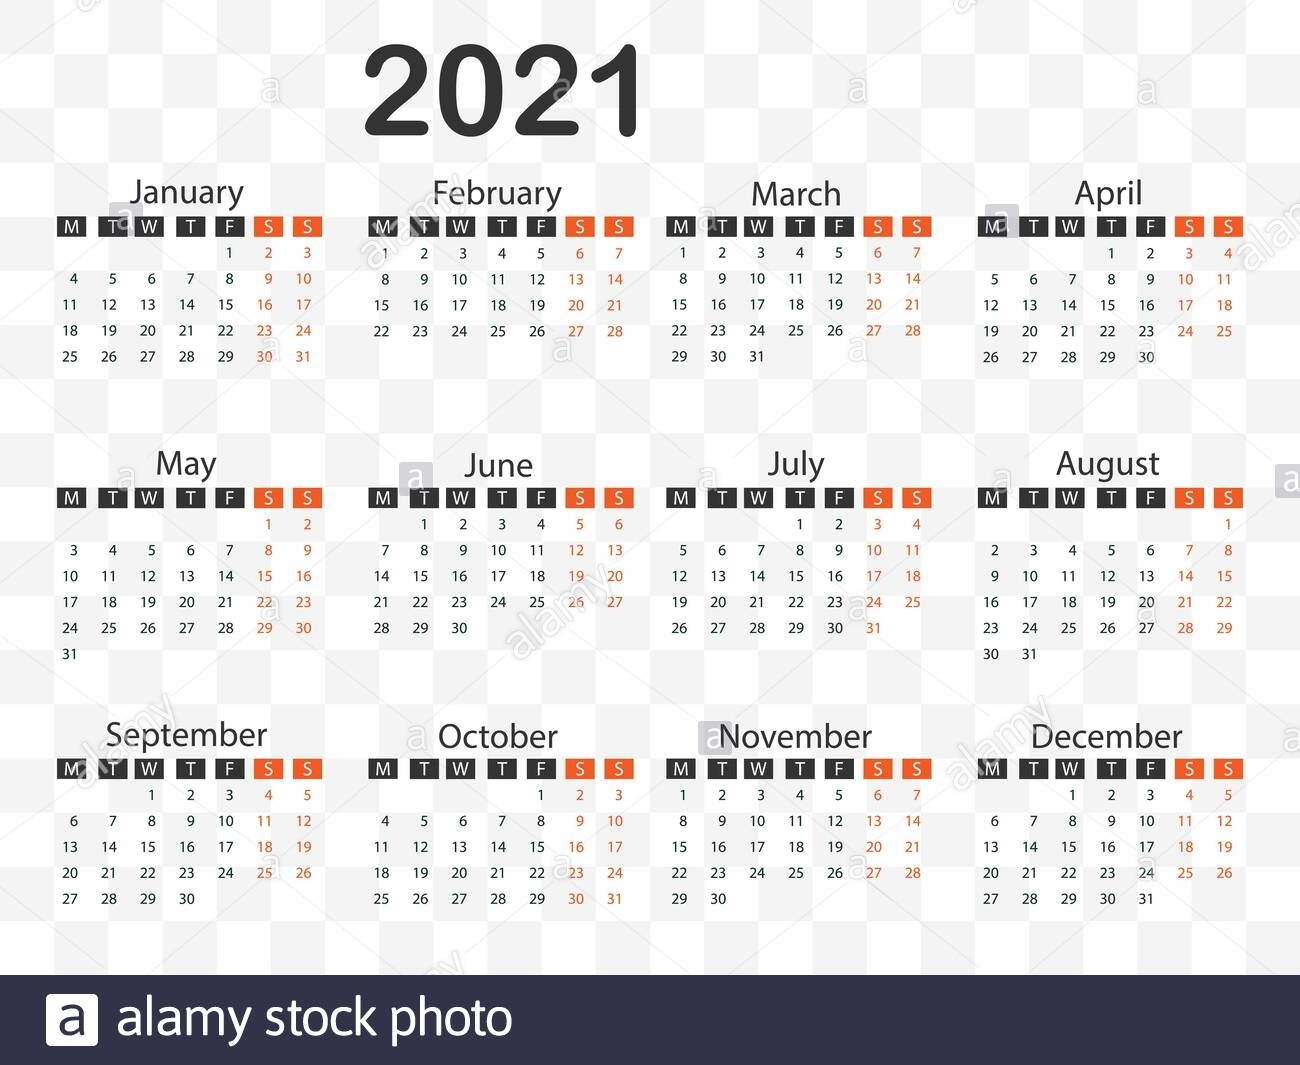 Calendario 2021, La Semana Comienza El Lunes. Ilustración Calendario 2021 Con Semanas